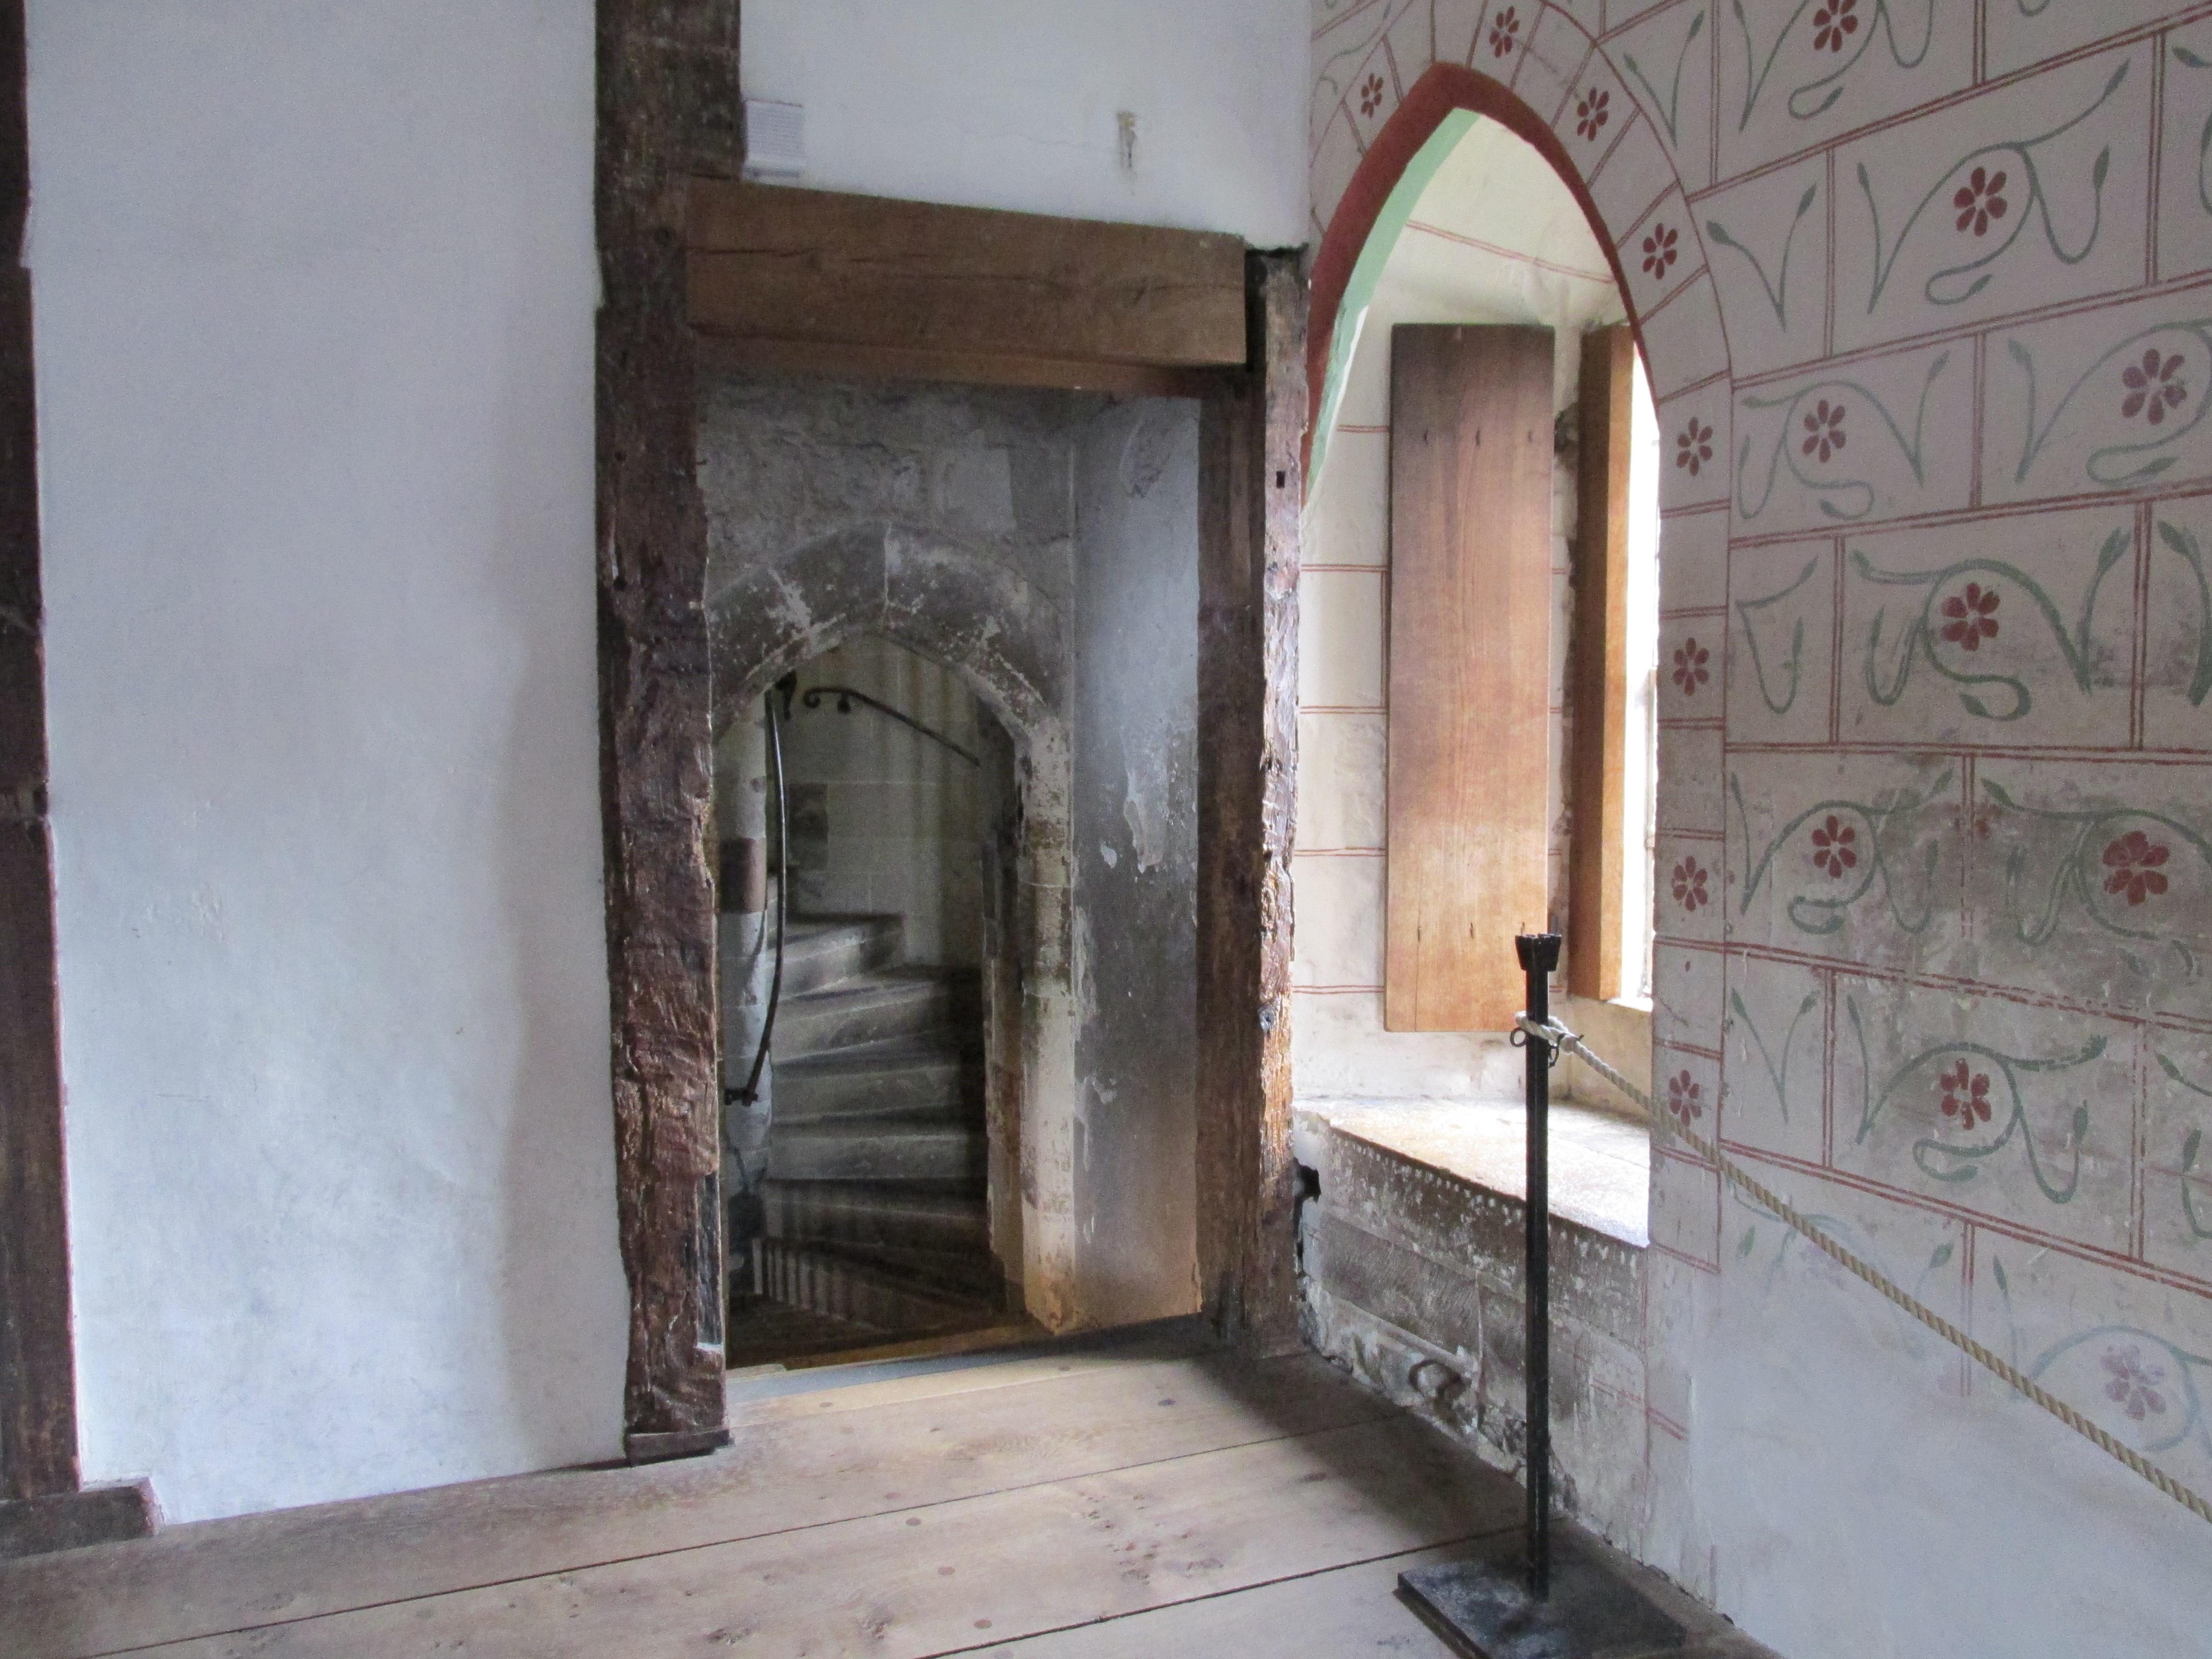 IMG 1768 - Visitando la Torre de Londres